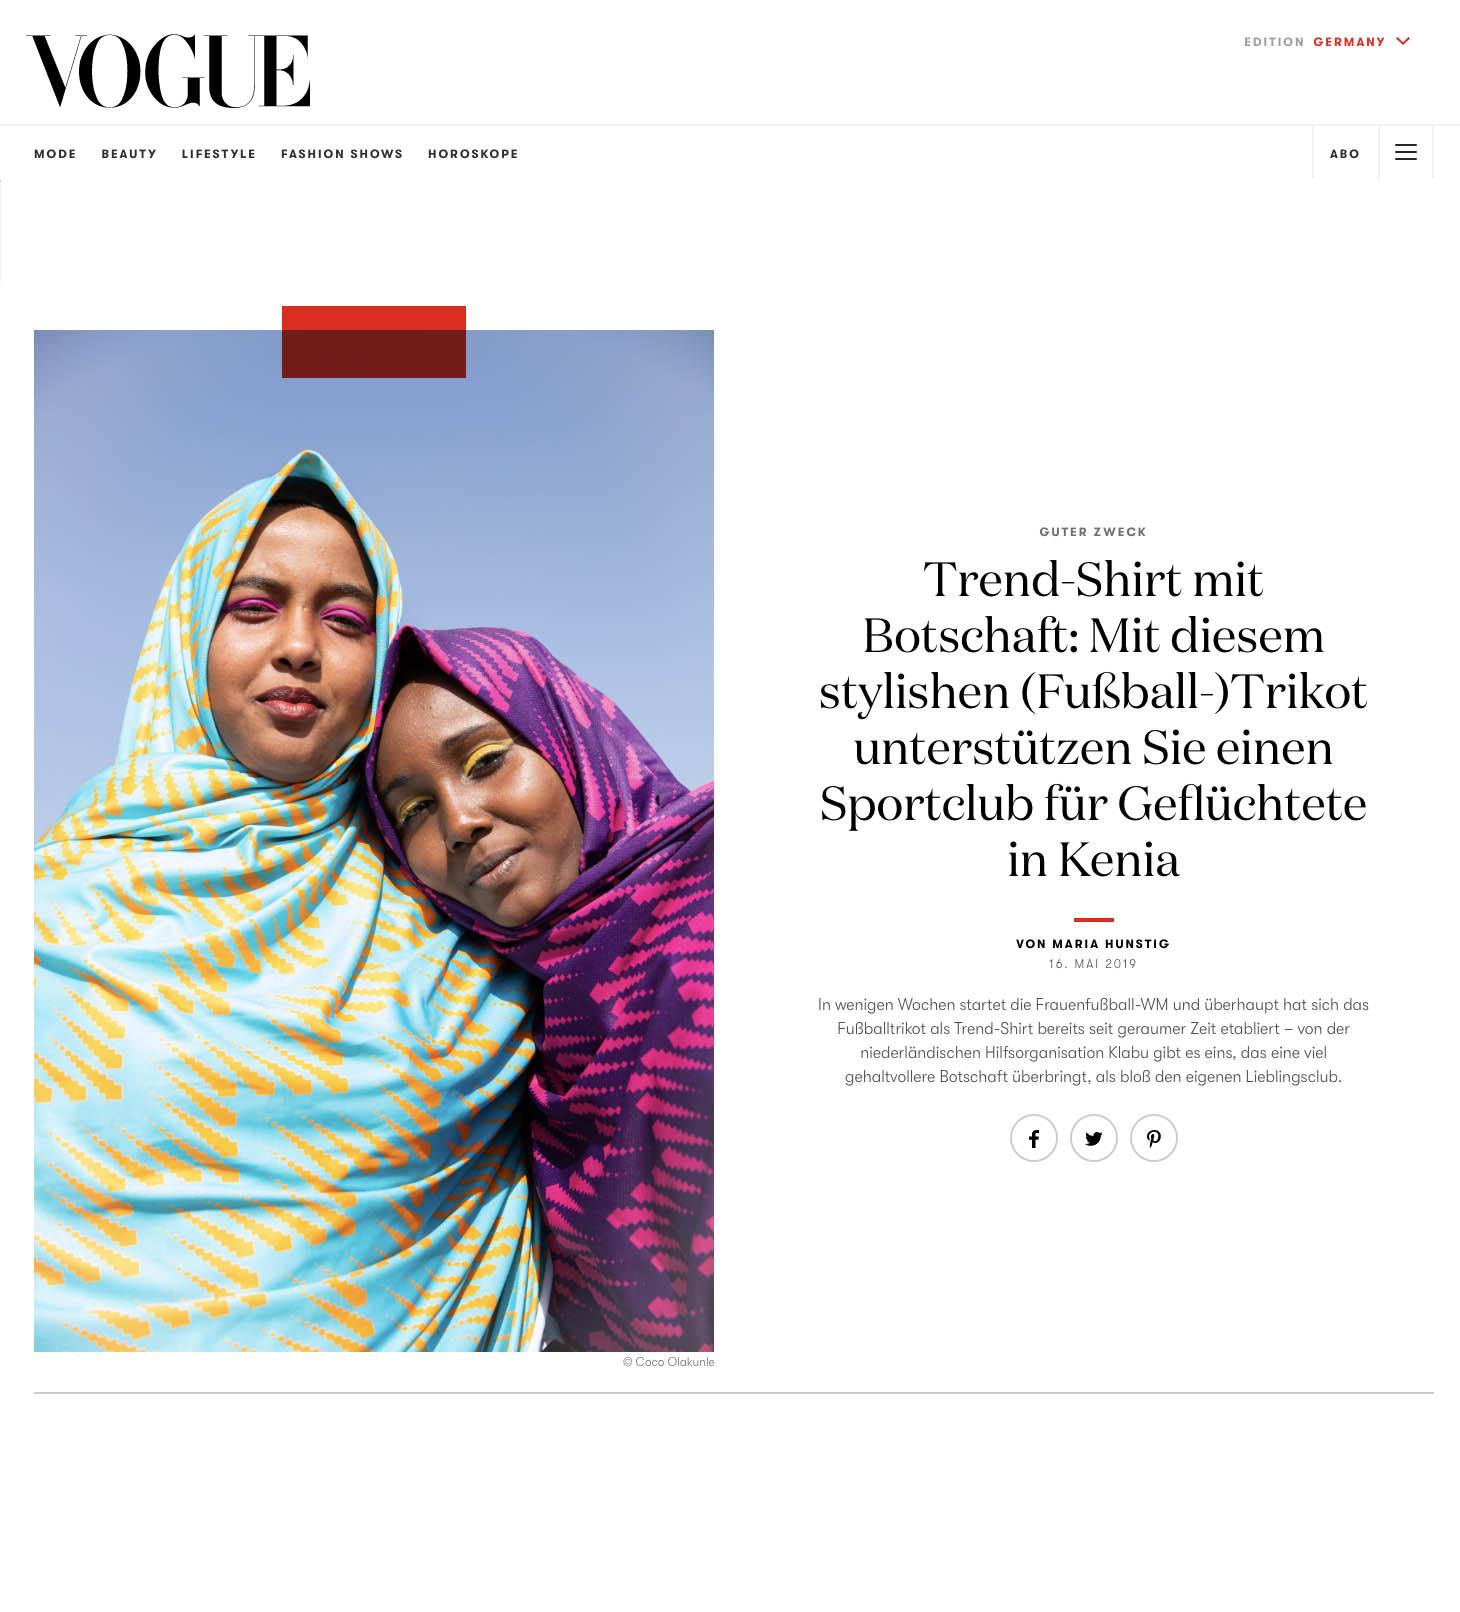 Vogue photo.jpg